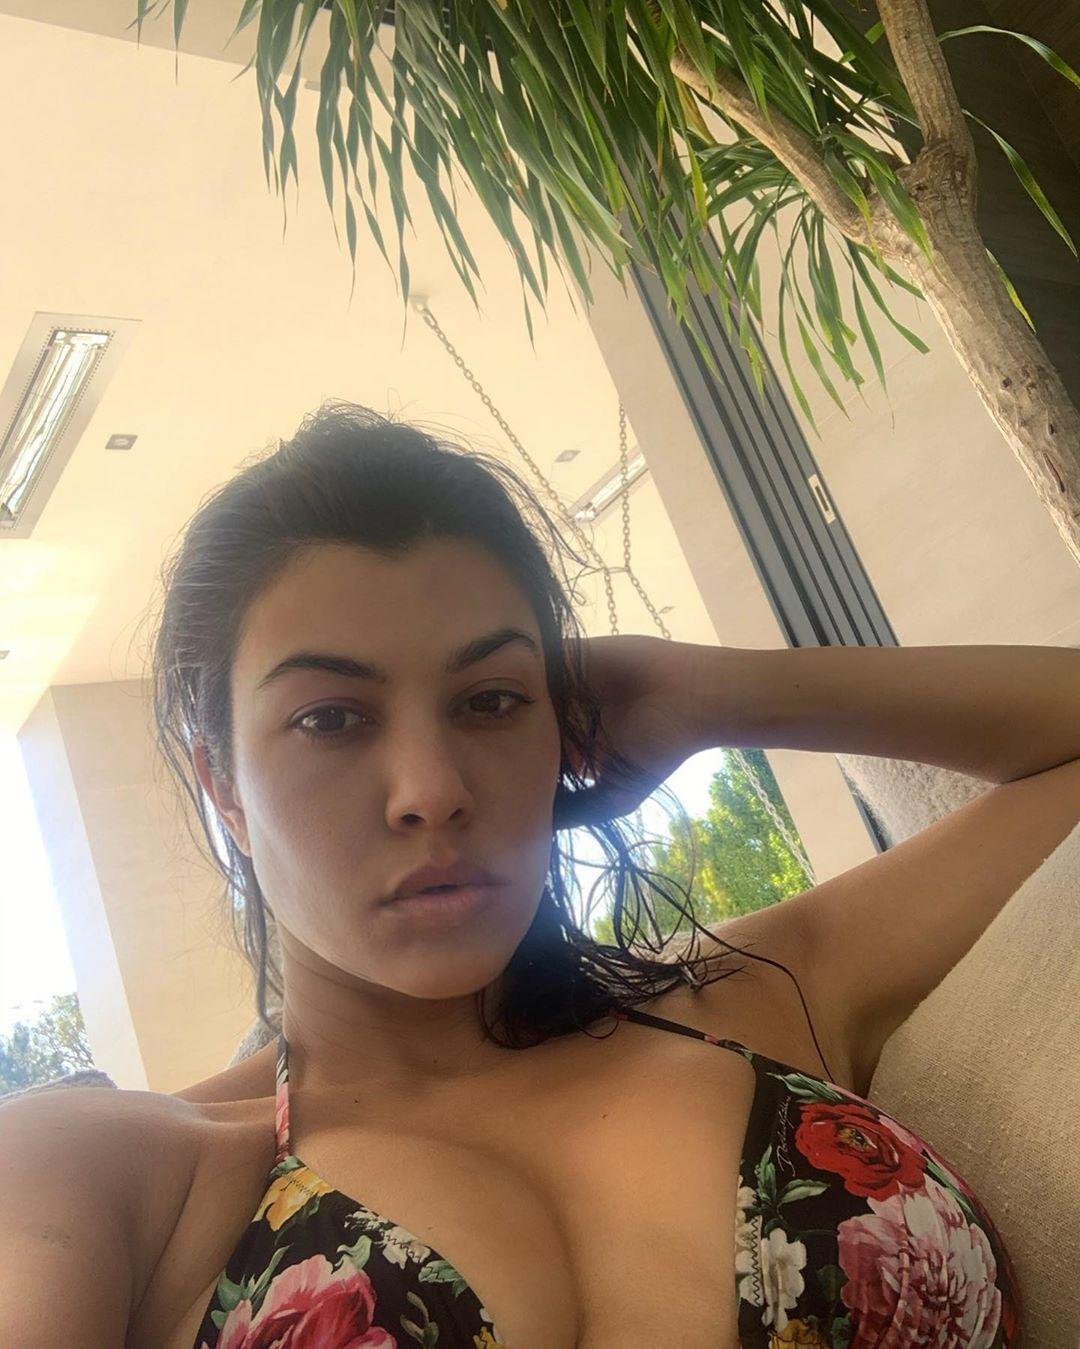 Έπιασαν οι ζέστες και την Kourtney Kardashian